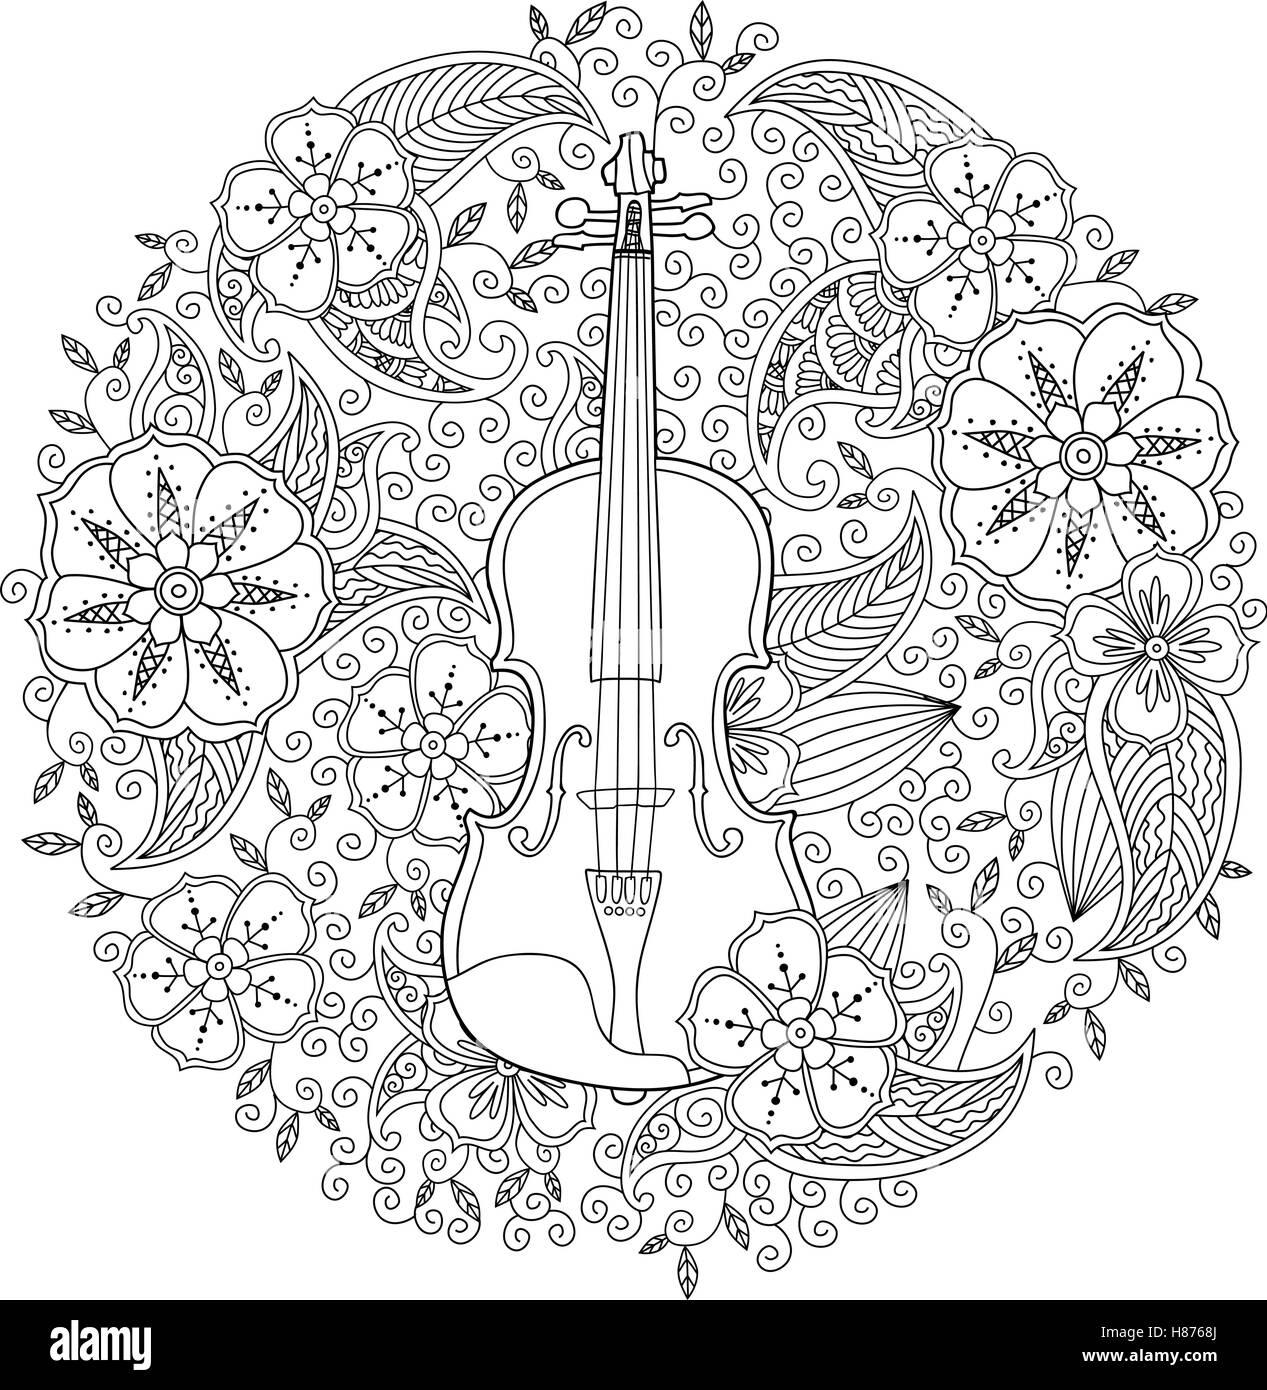 Ausgezeichnet Violine Malvorlagen Galerie - Malvorlagen-Ideen ...